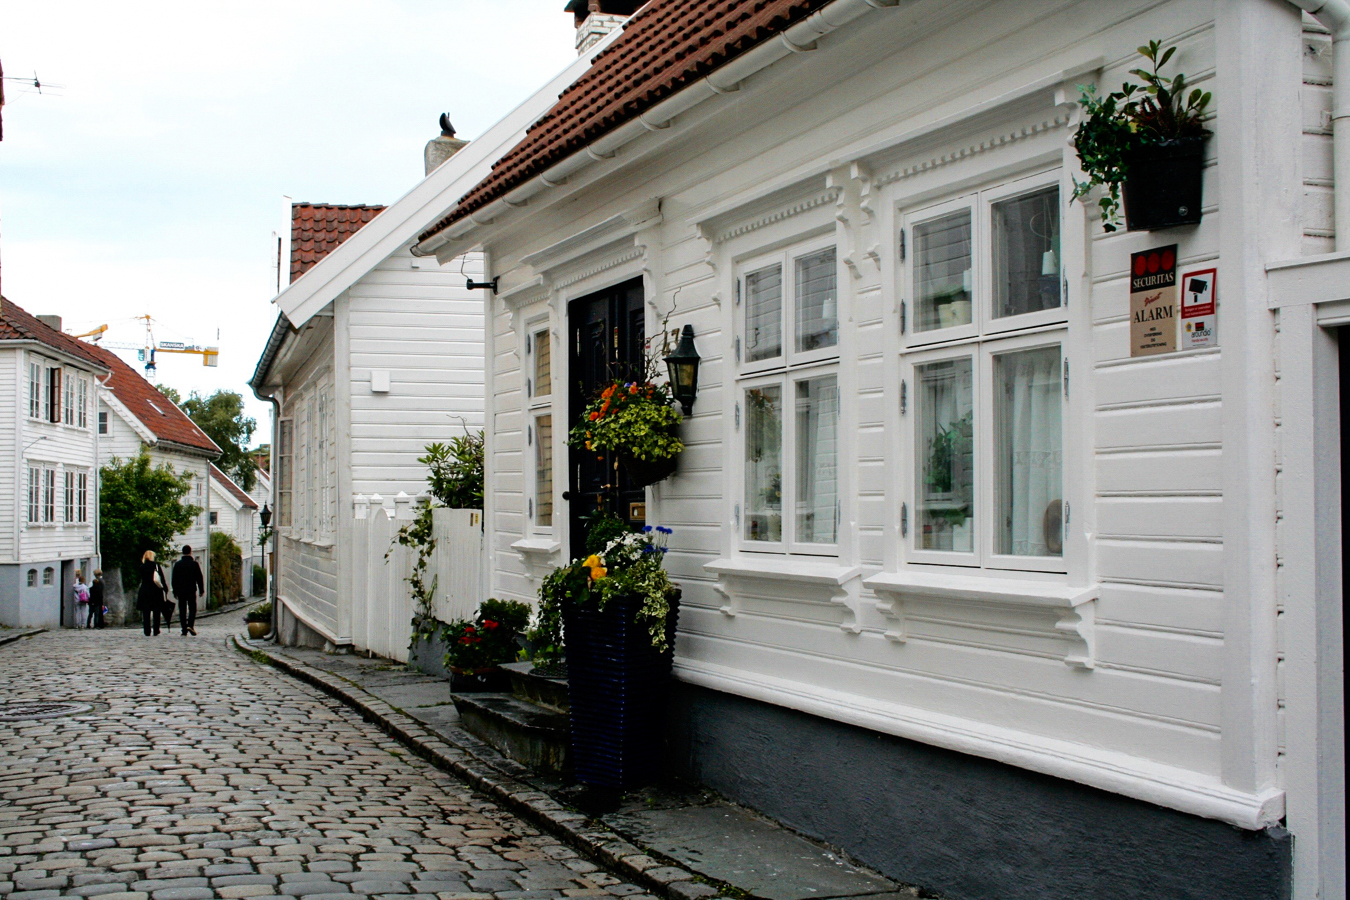 2009-Gamle byen Stavanger-1